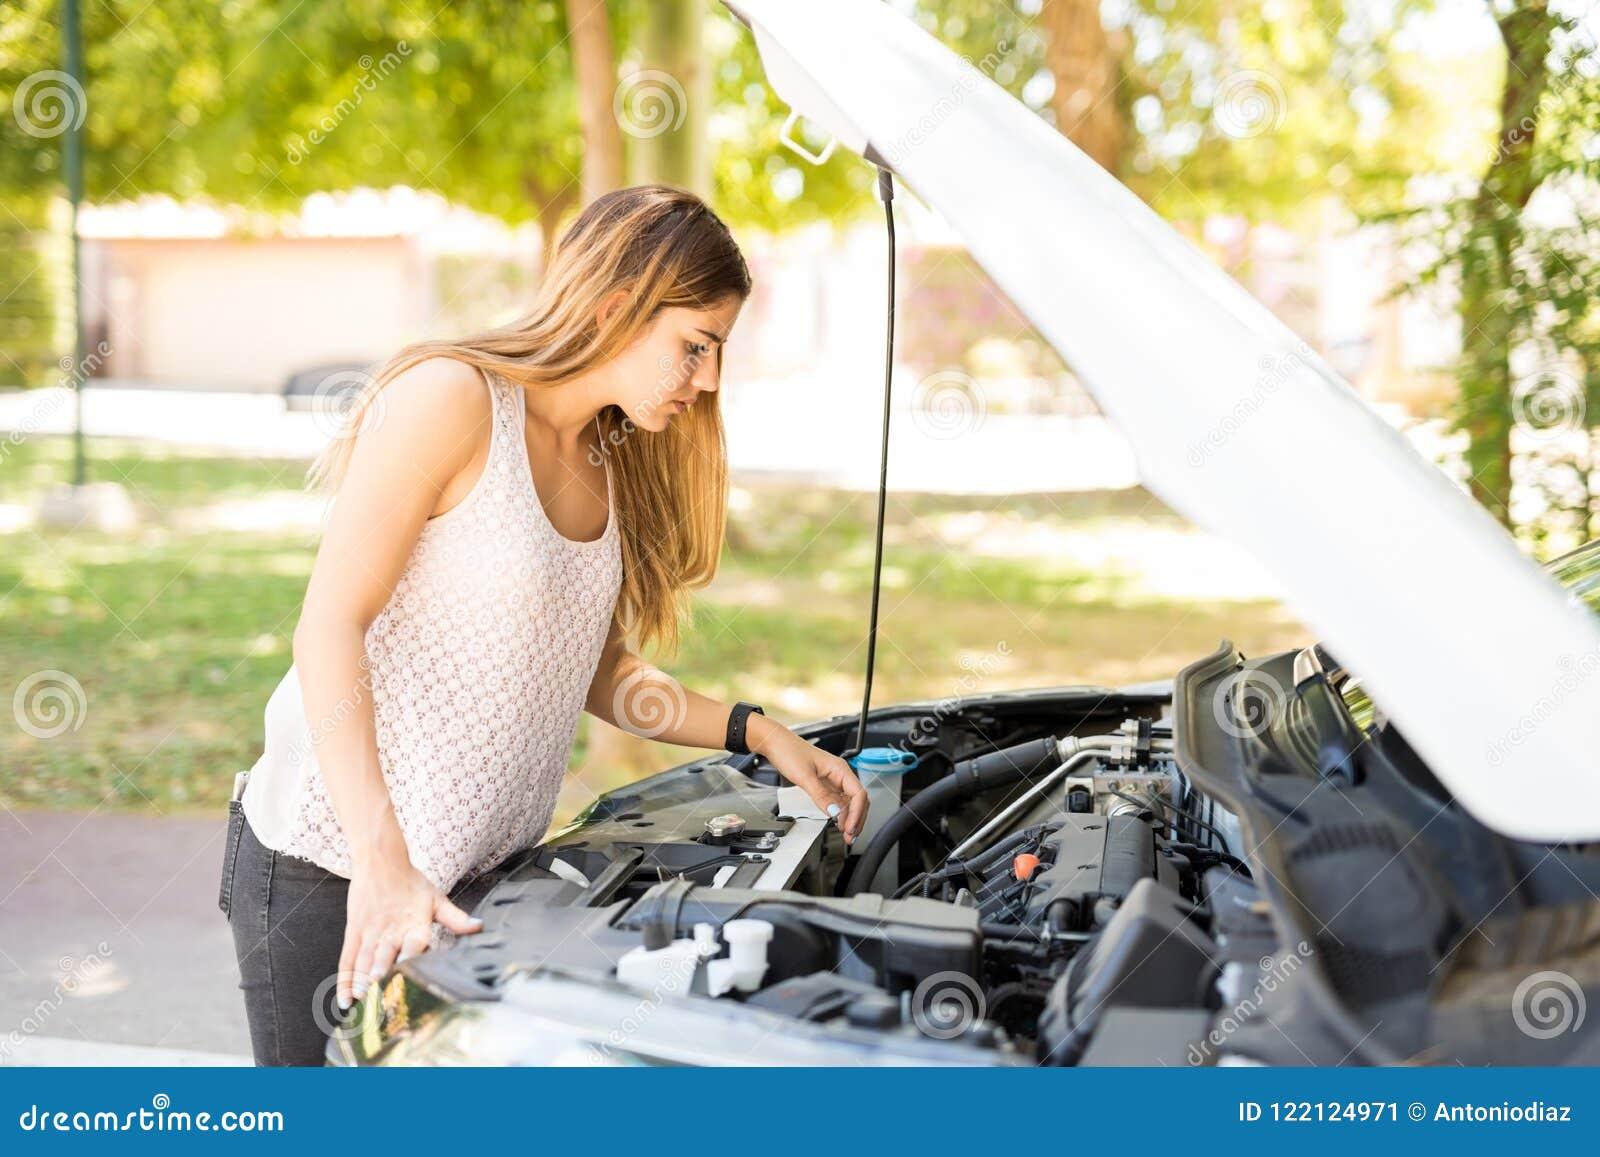 Femme regardant le moteur de sa voiture cassée